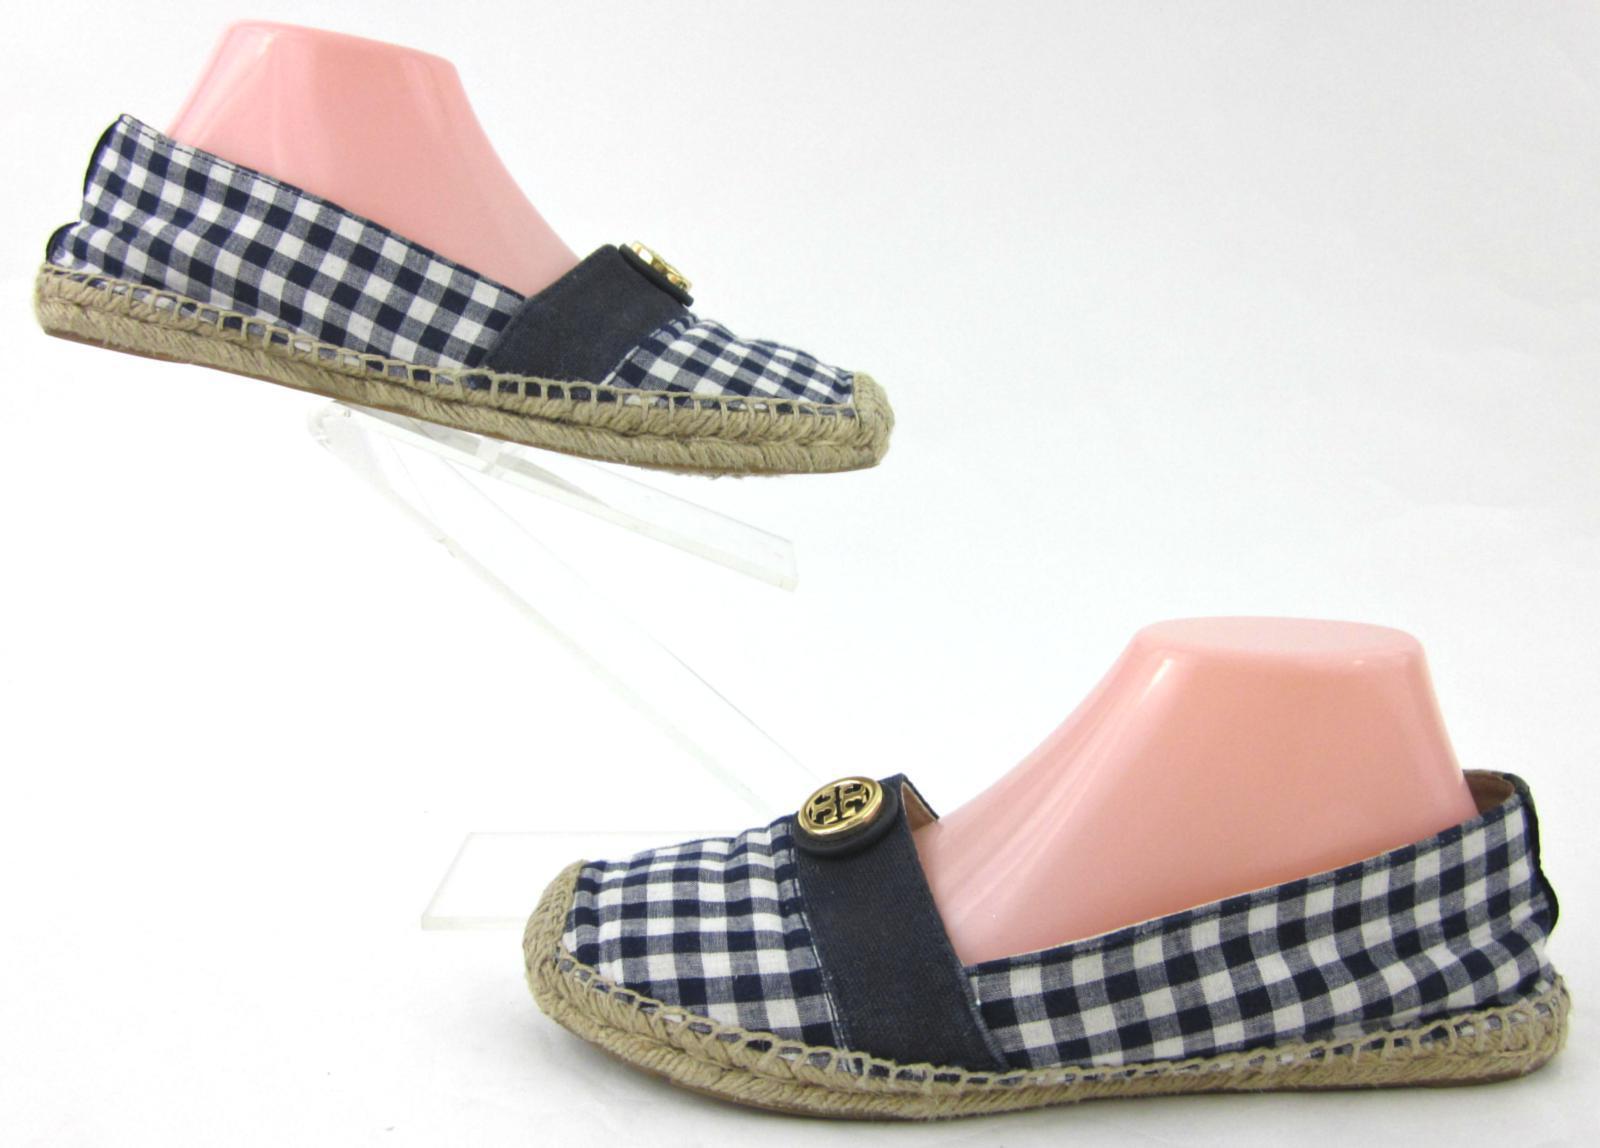 Tory Burch Beacher Flat Espadrille chaussures Navy bleu   blanc US 9M